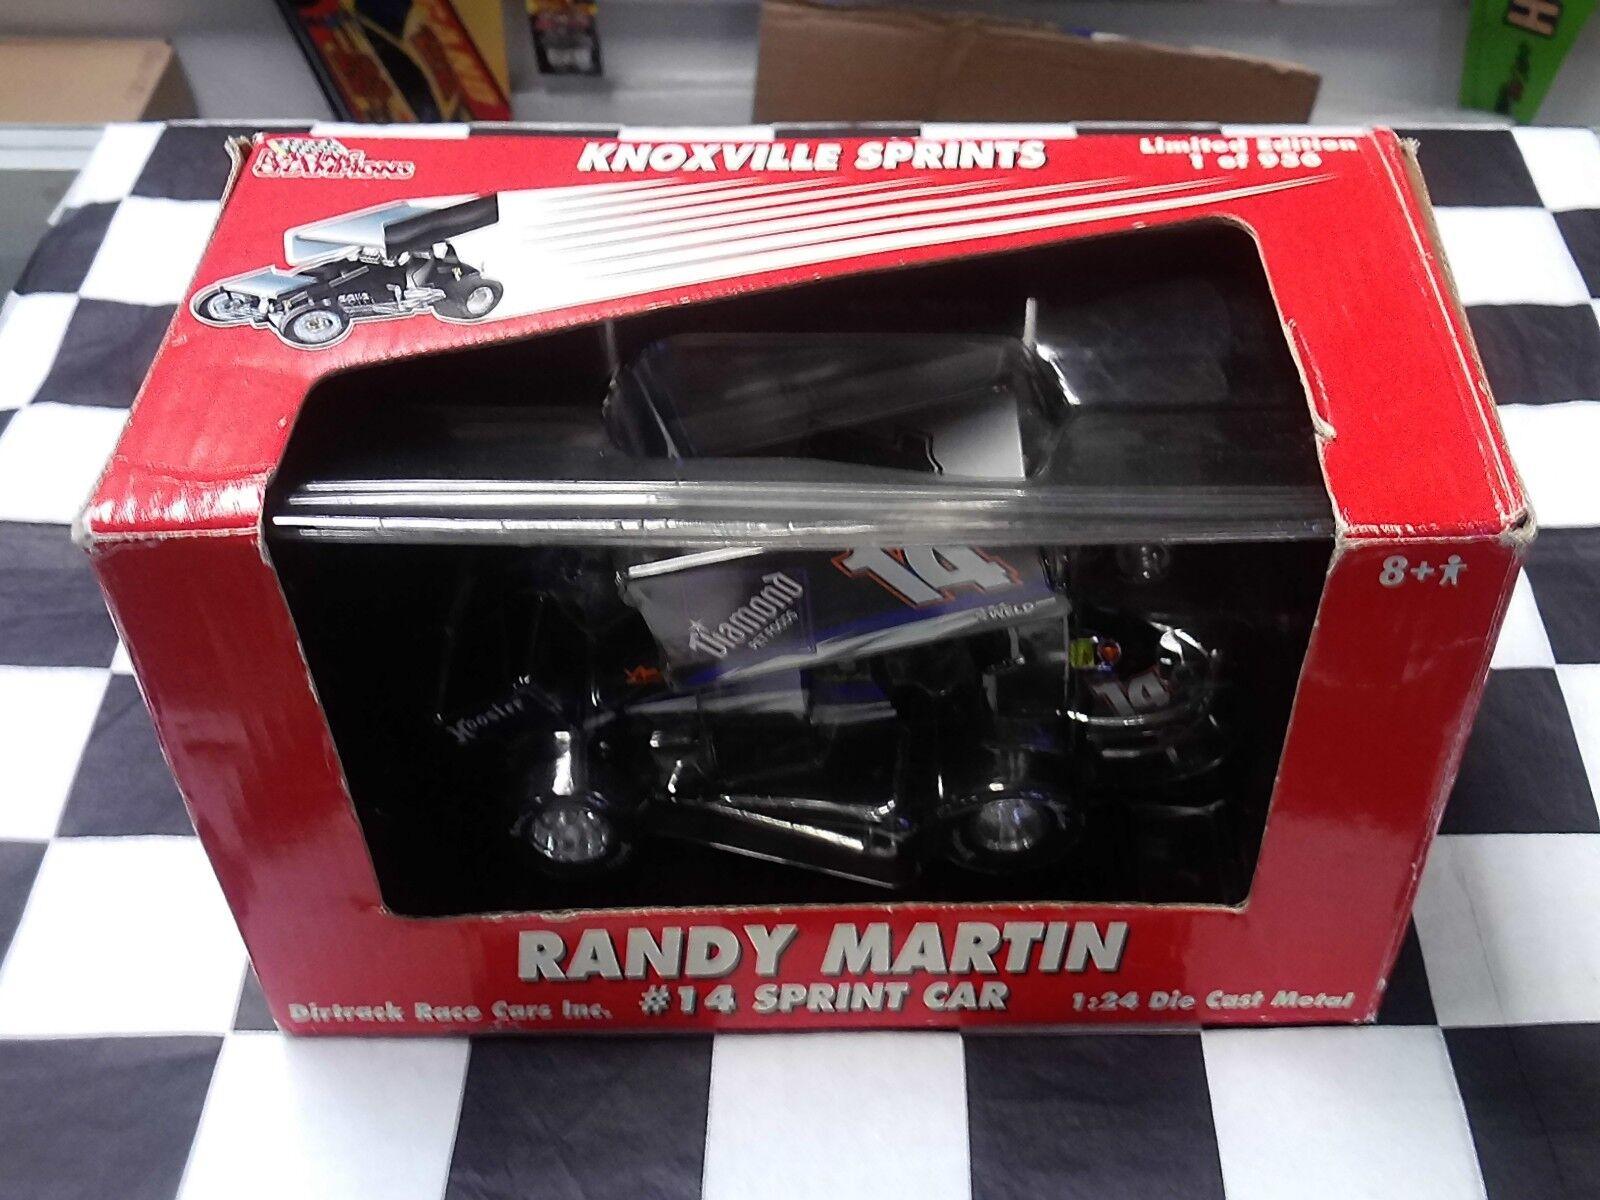 Randy Martin Sprint Coche 2004 1 24 Sprint Coche Extreme RC2 marcas Autografiado